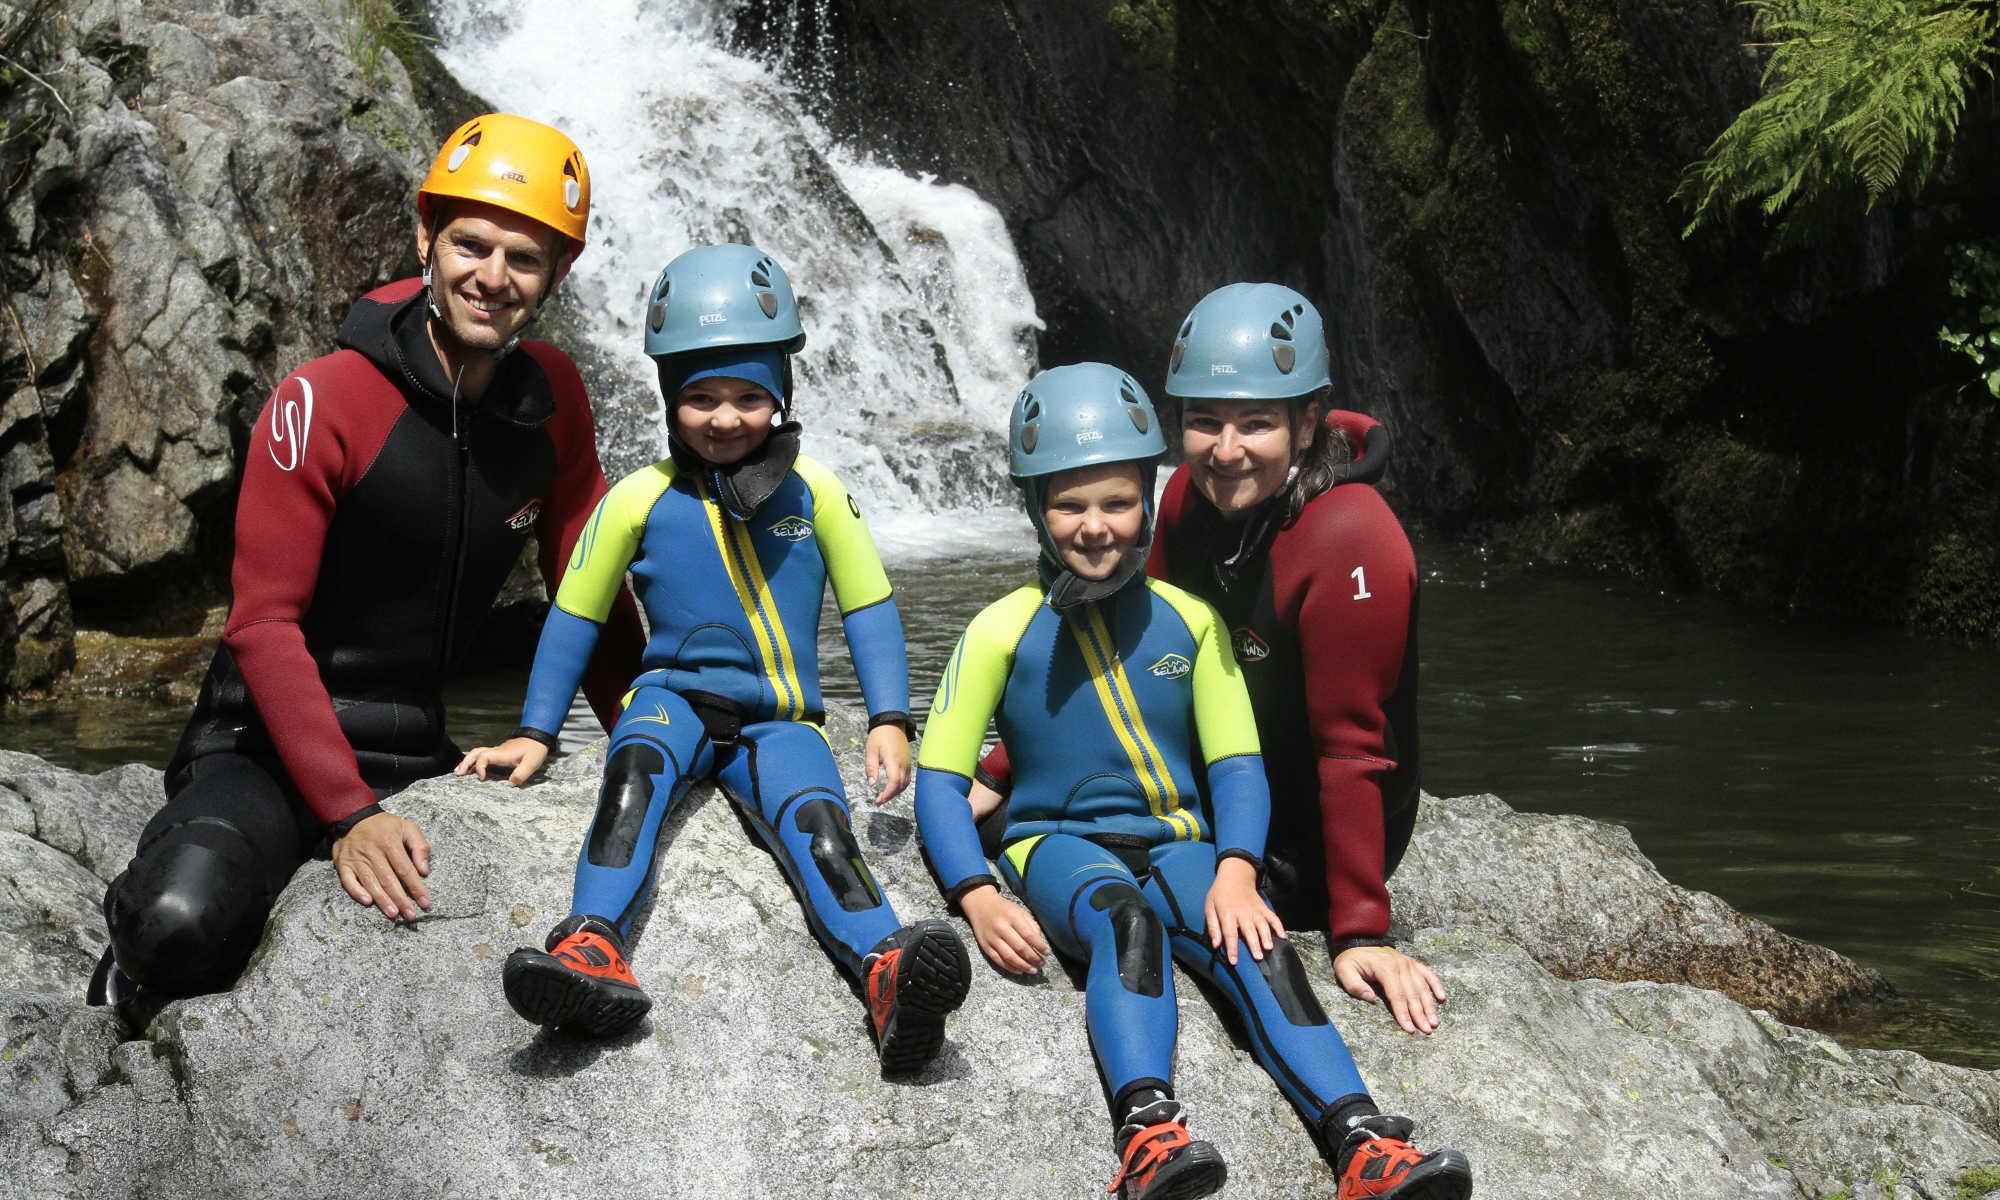 Une famille prend la pose lors d'une activité canyoning en Ardèche.